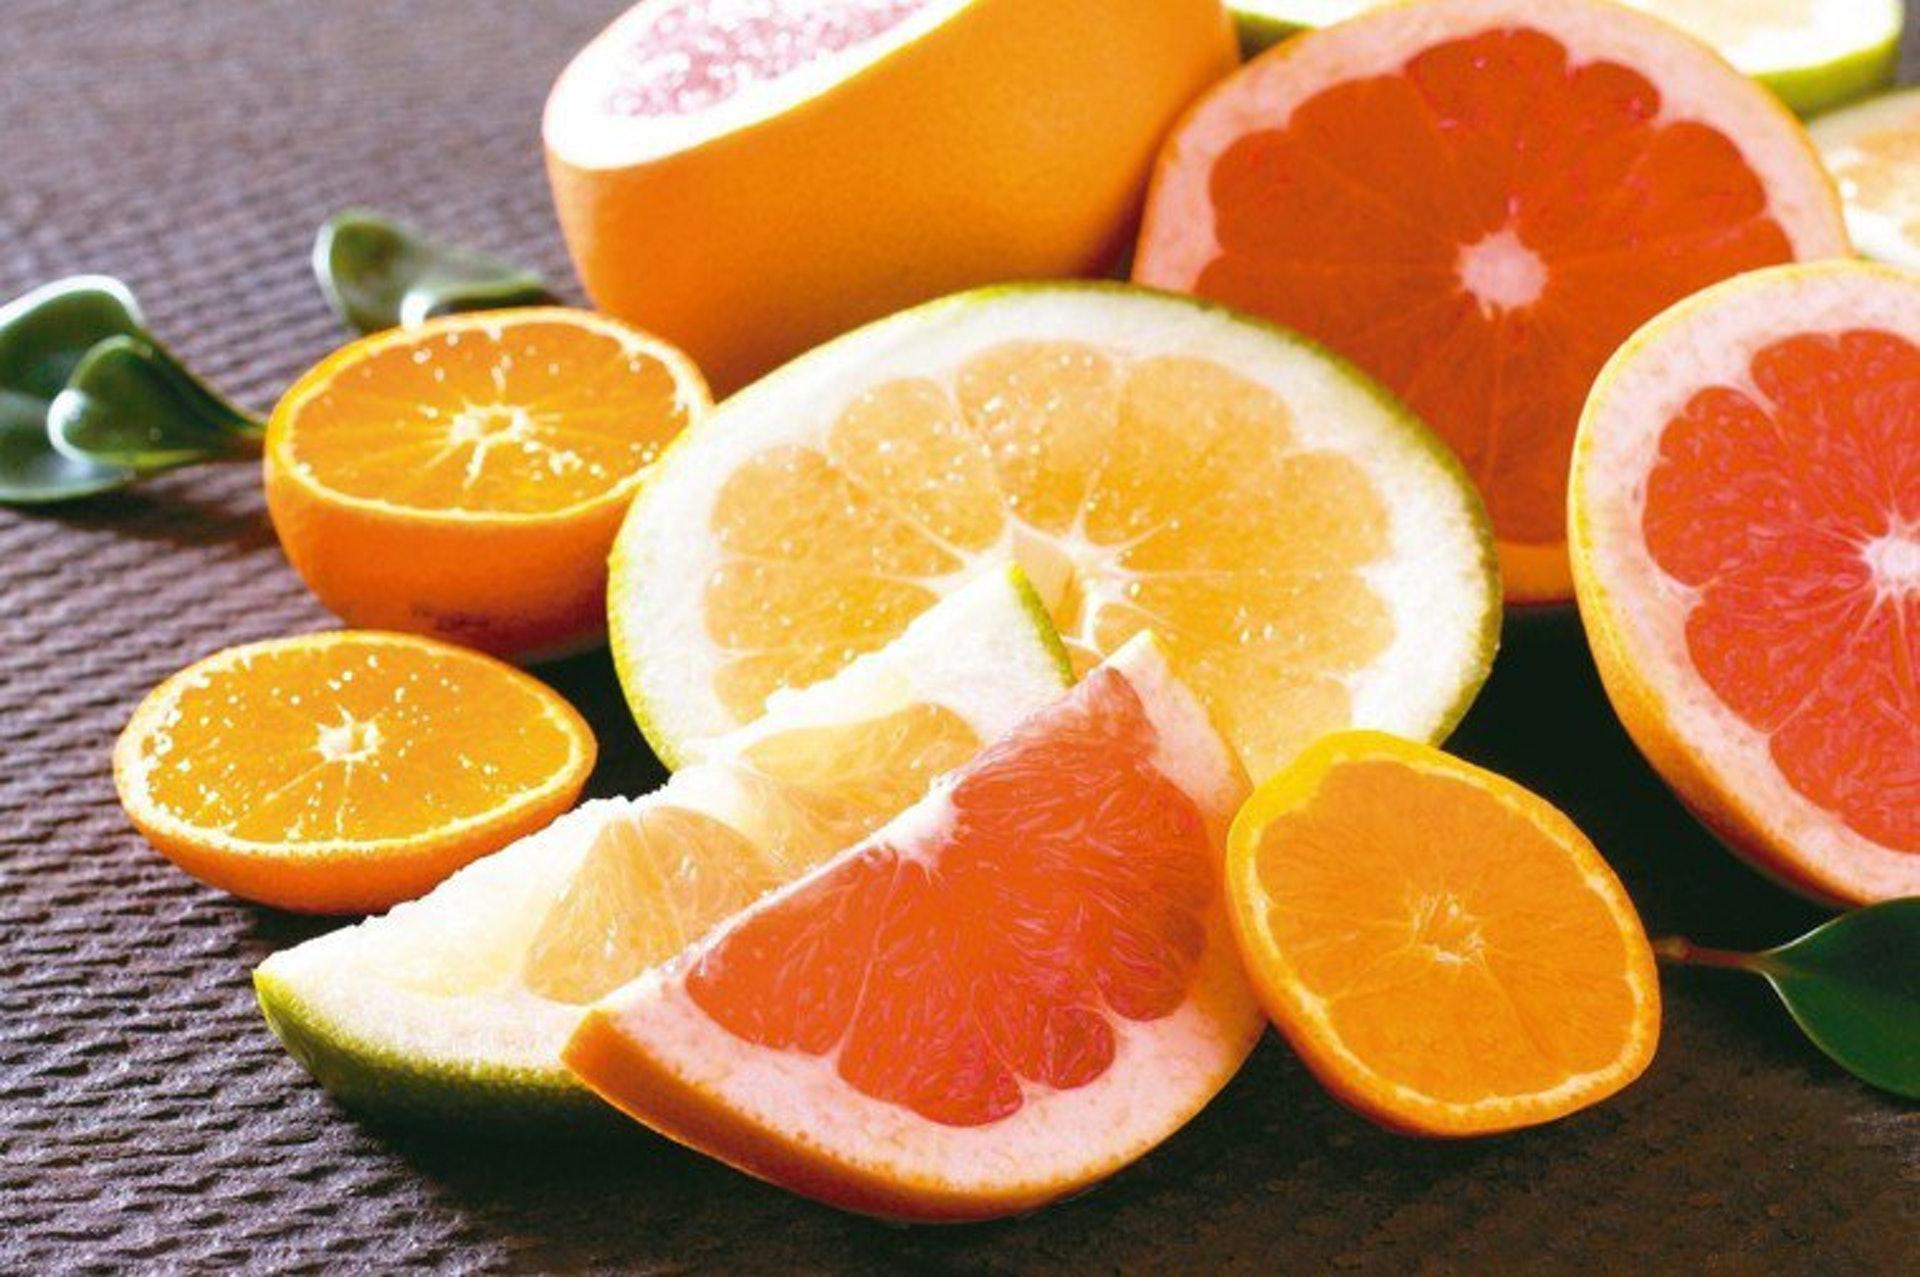 酸甘食物可收斂肺氣、滋陰生津,可選的食物包括柚子、柑橘、檸檬等。(圖片:health.udn)